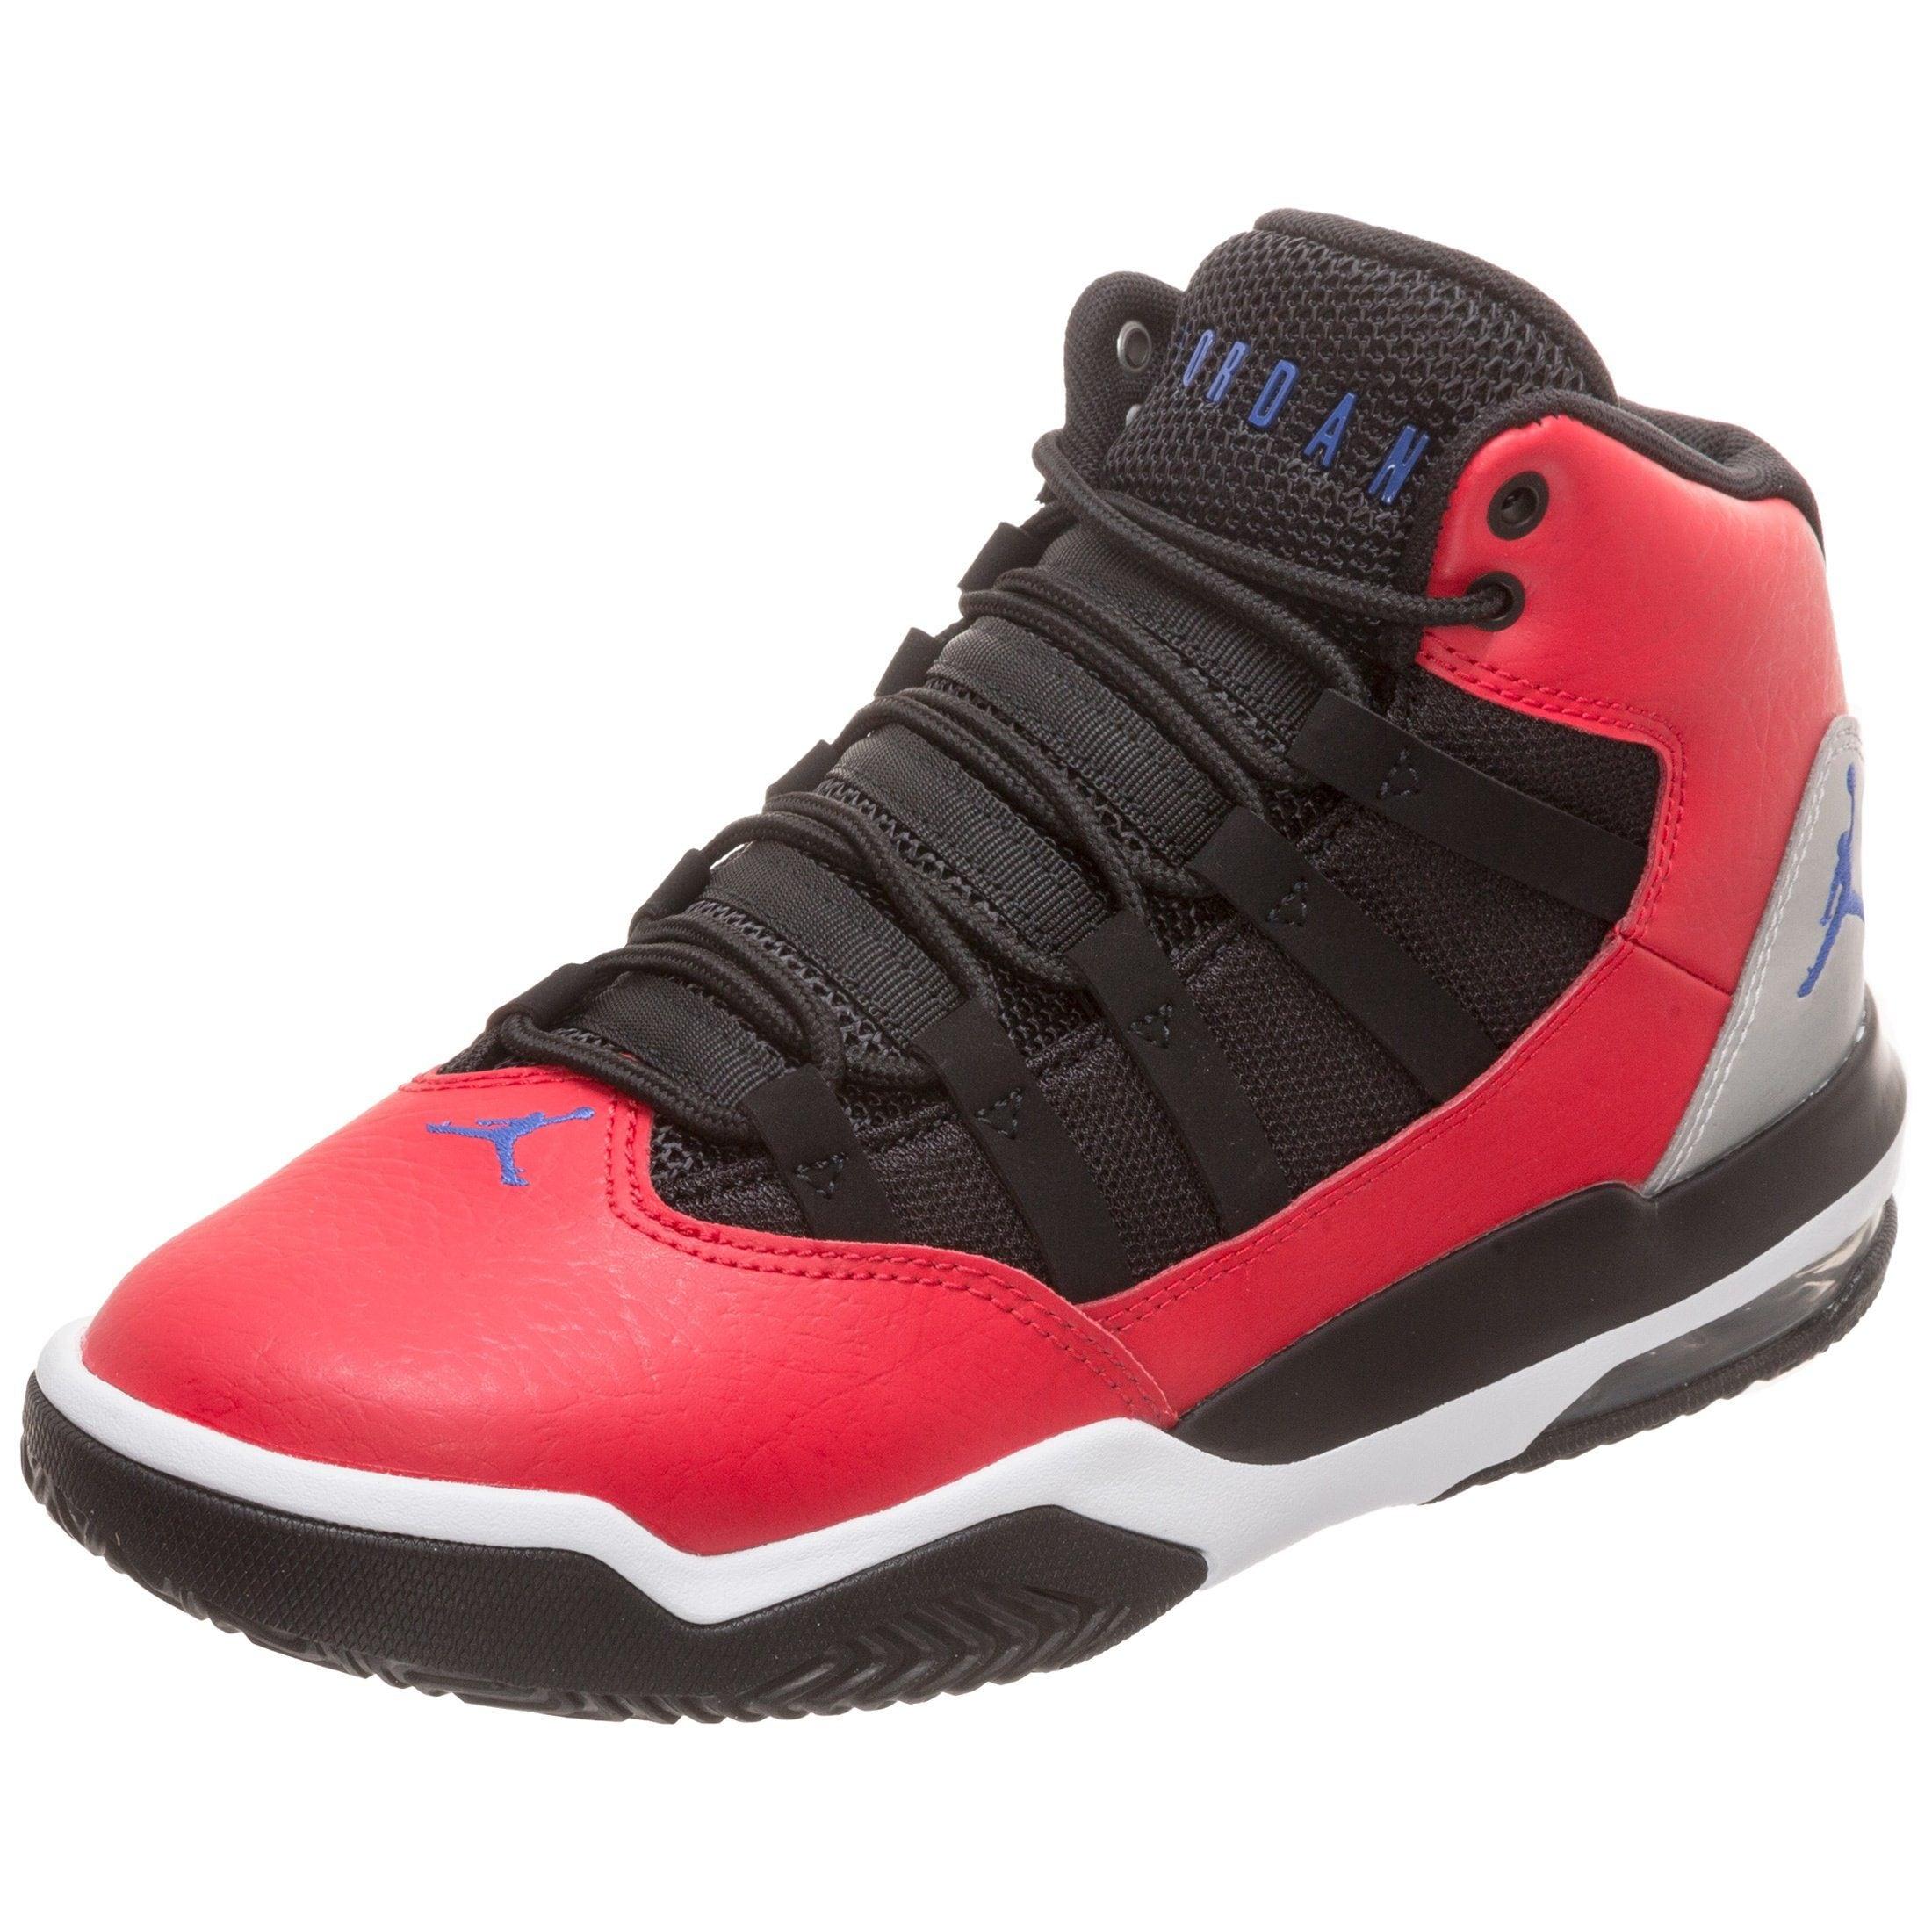 Image of Jordan Basketballschuh »Jordan Max Aura«